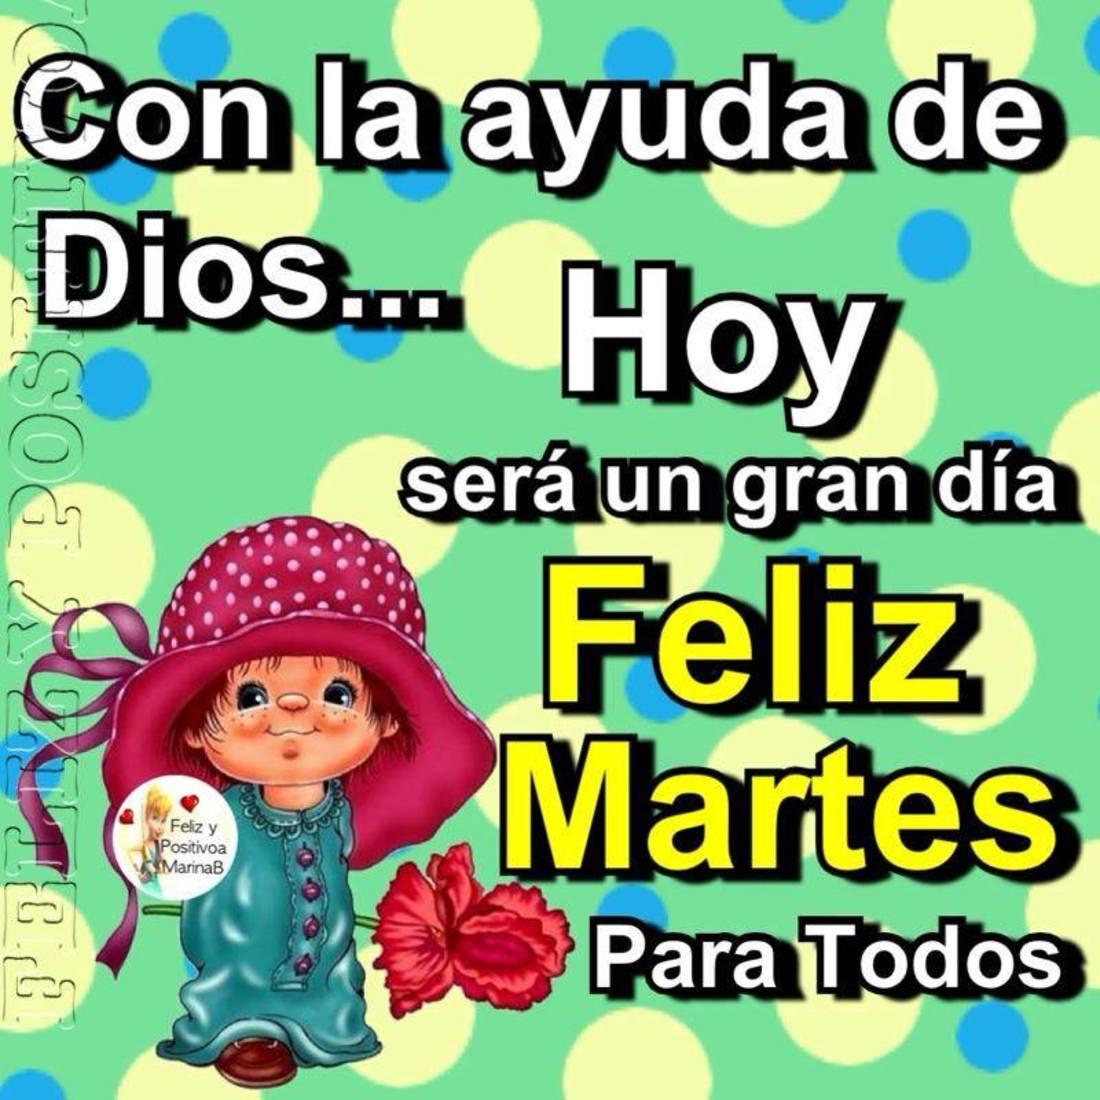 Con la ayuda de Dios...Hoy sera yn gran dia Feliz Martes para todos